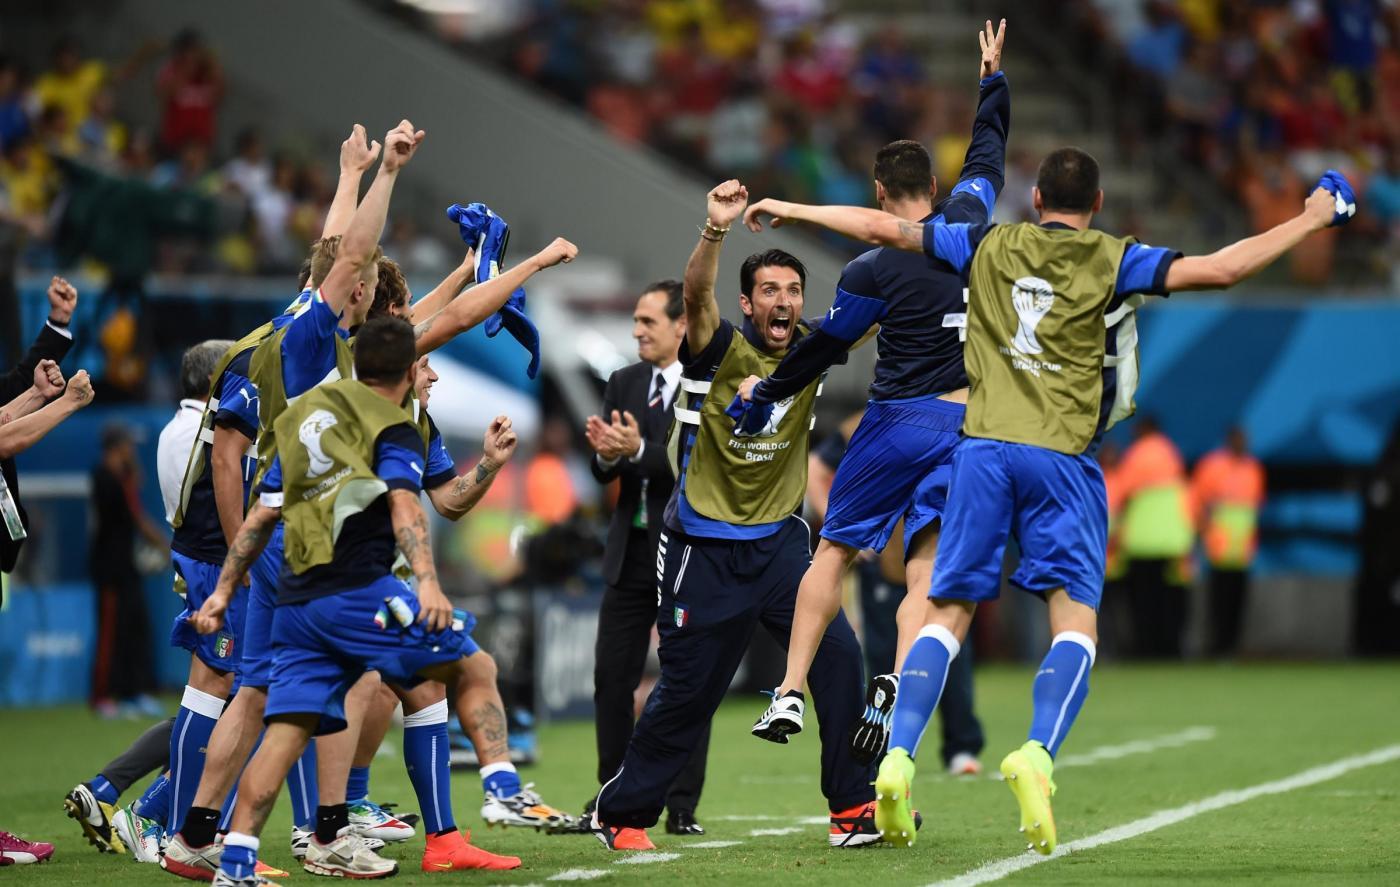 Mondiali 2014: Italia vs Inghilterra, le pagelle del match